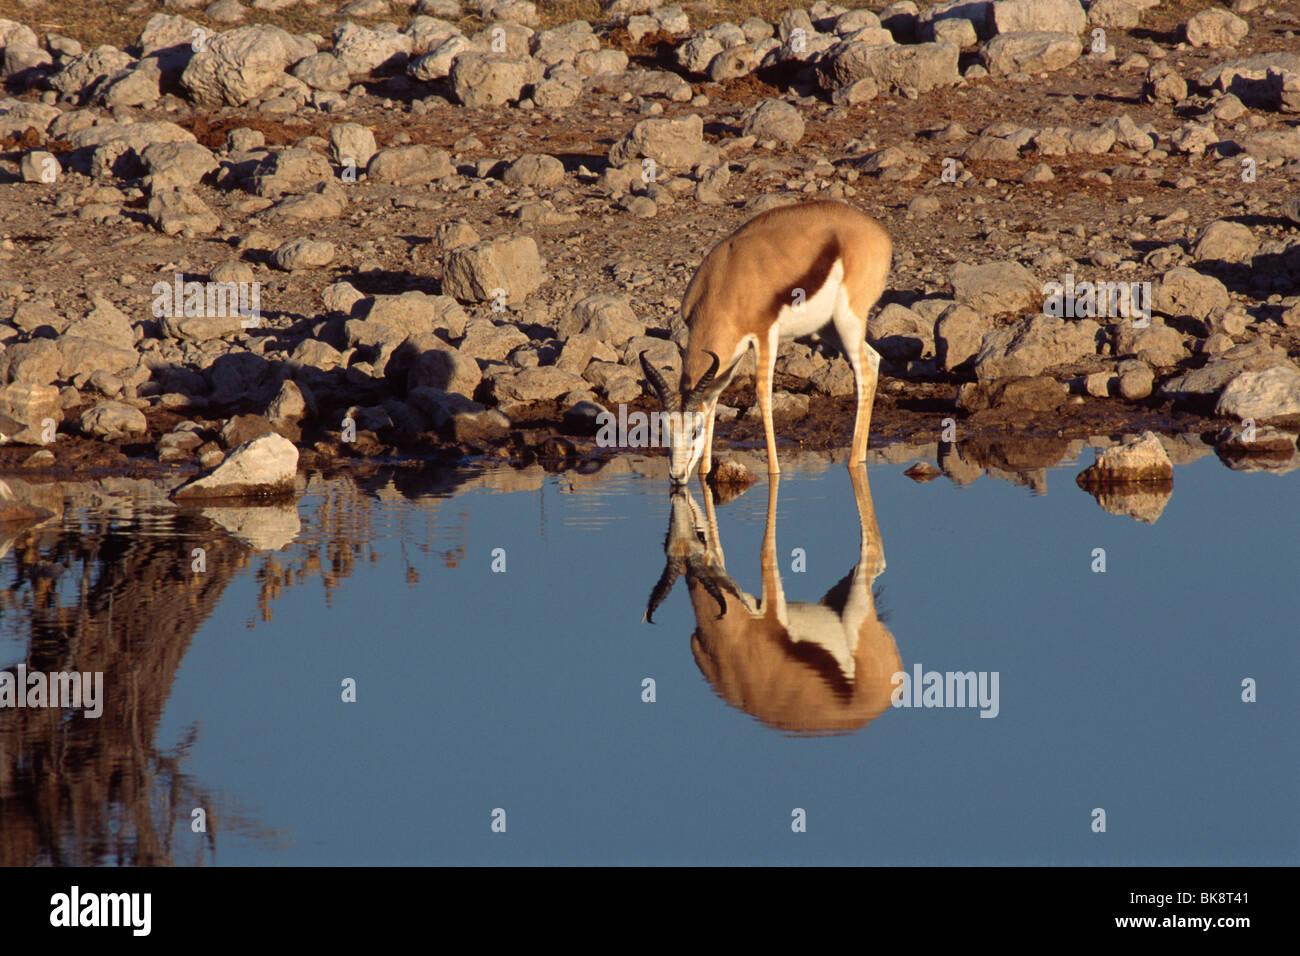 Impala (Aepyceros melampus), boire d'une eau, Etosha National Park, Namibie, Afrique Photo Stock